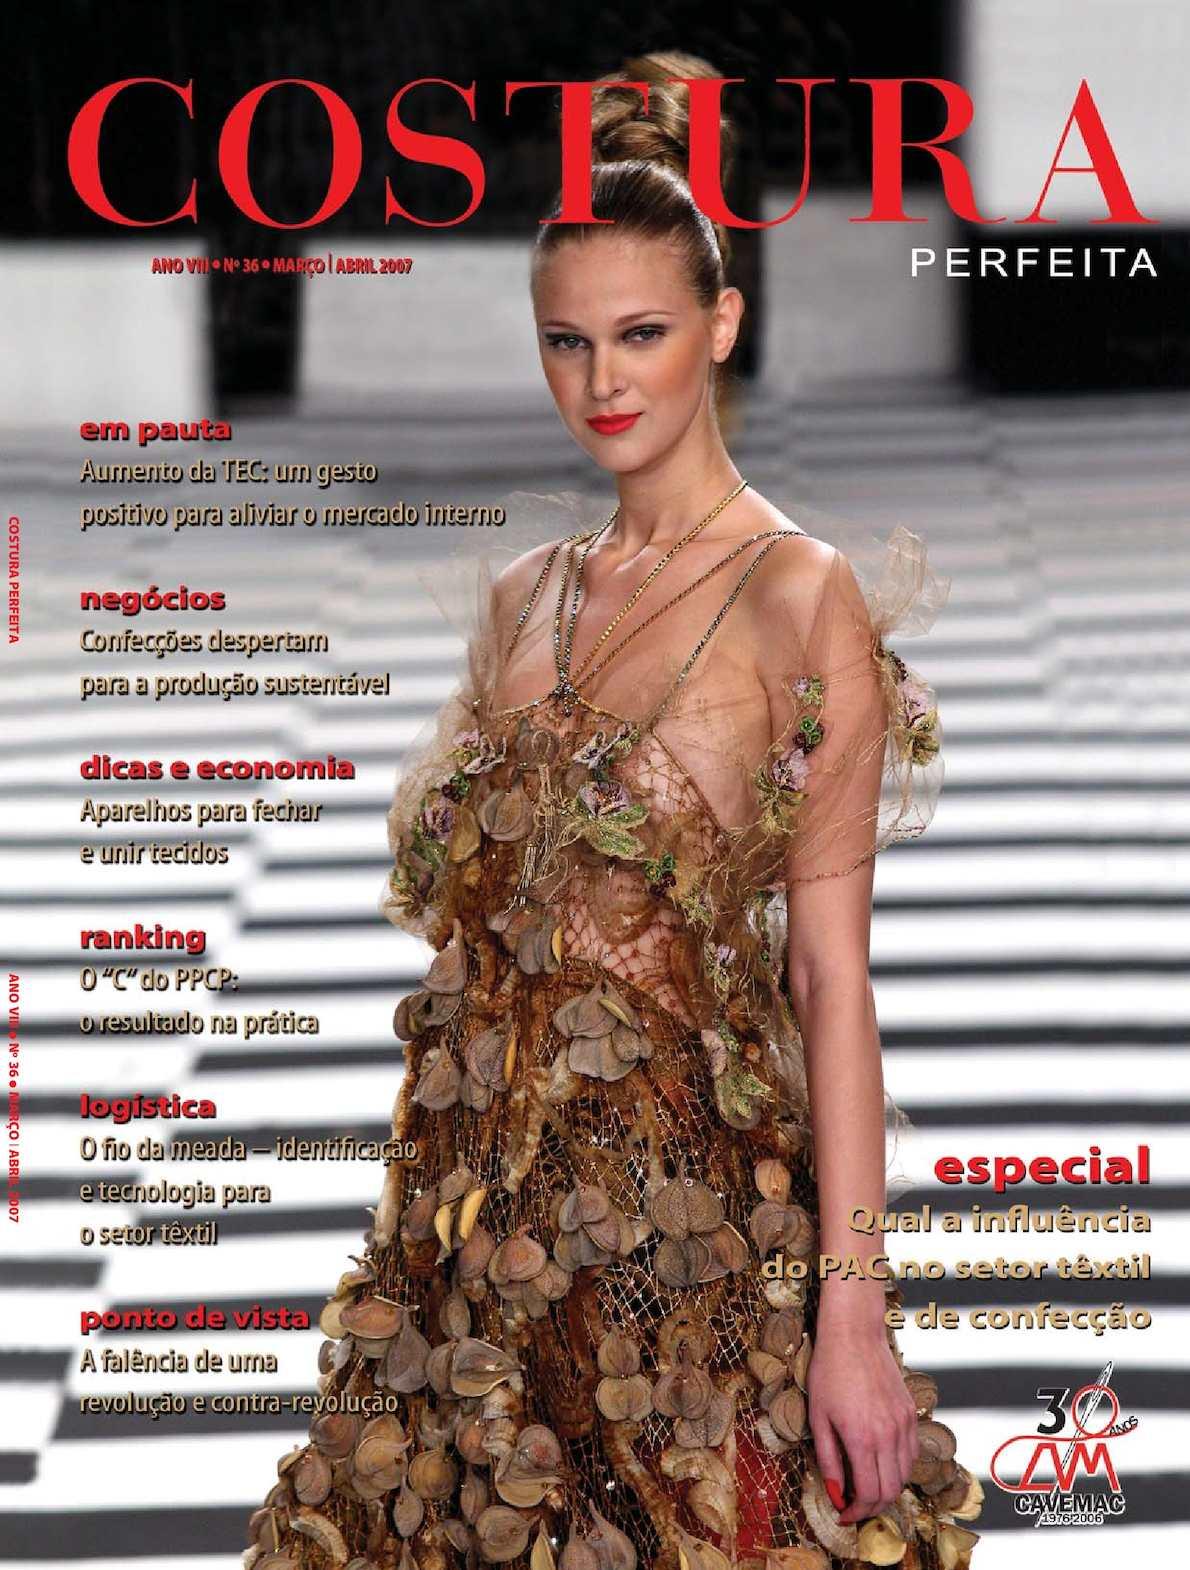 27289c068 Calaméo - Revista Costura Perfeita Edição Ano VIII - N36 Março-Abril 2007